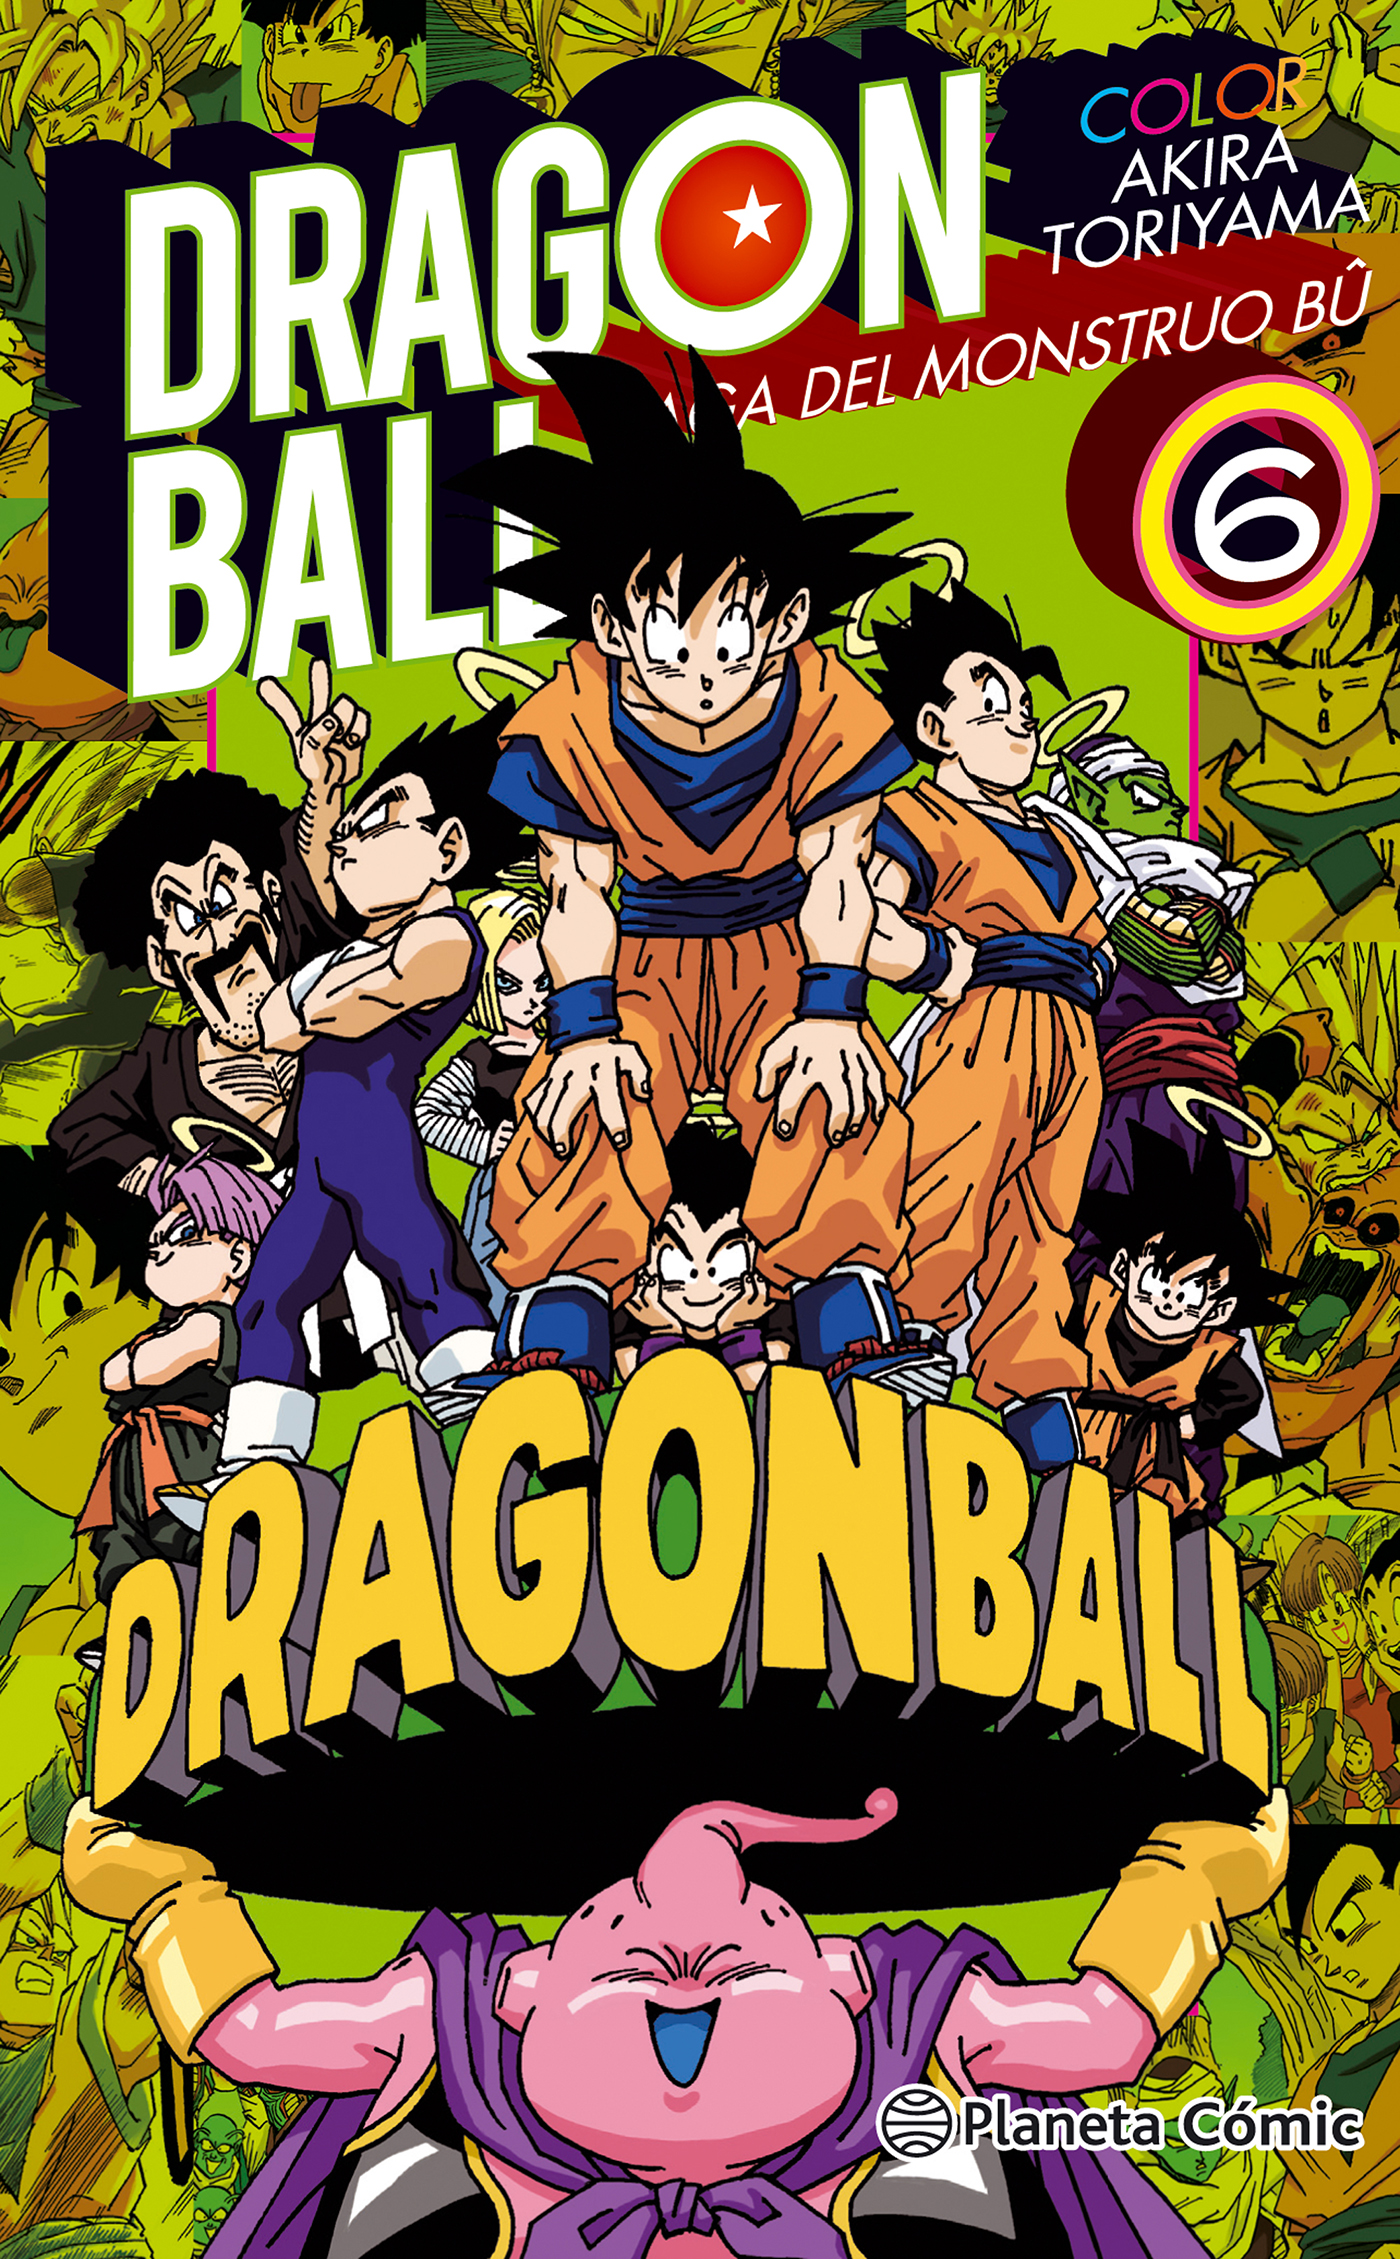 [Manga] Novedades (todas las editoriales)  Dragon-Ball-Color-Saga-del-Monstruo-B%C3%BB-6